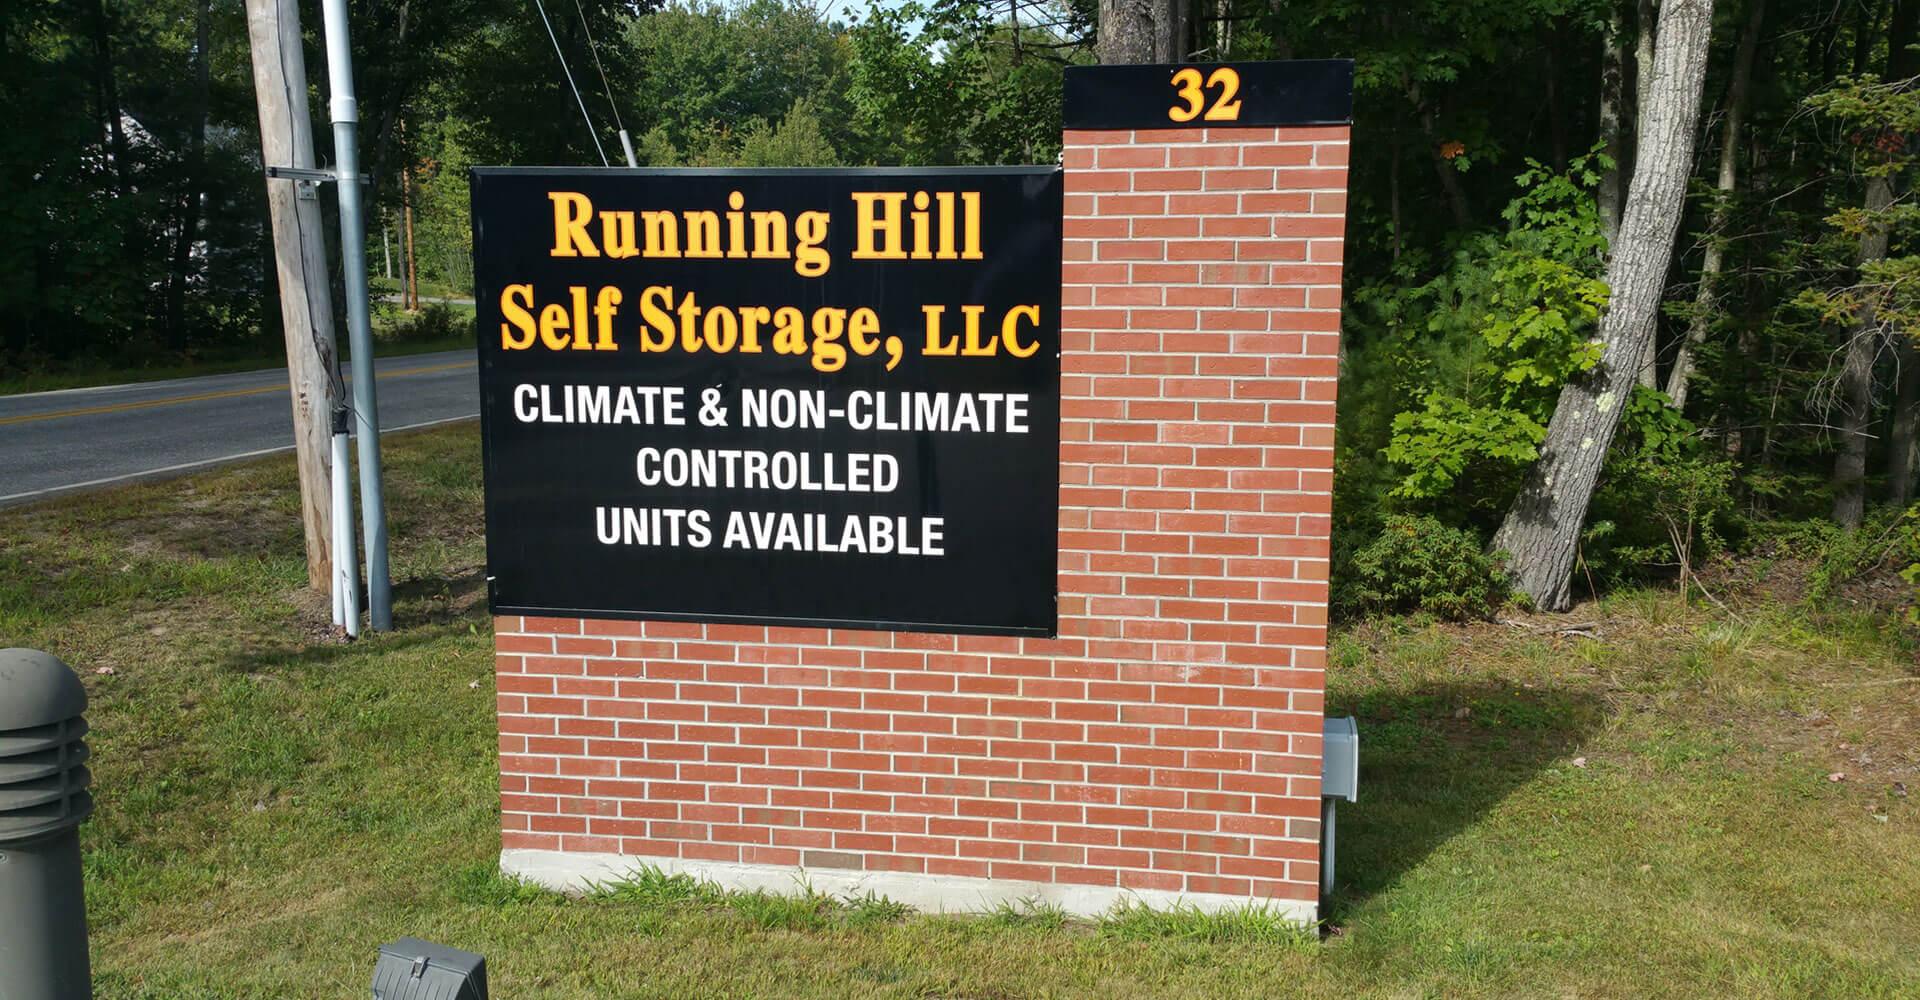 Running Hill Self Storage